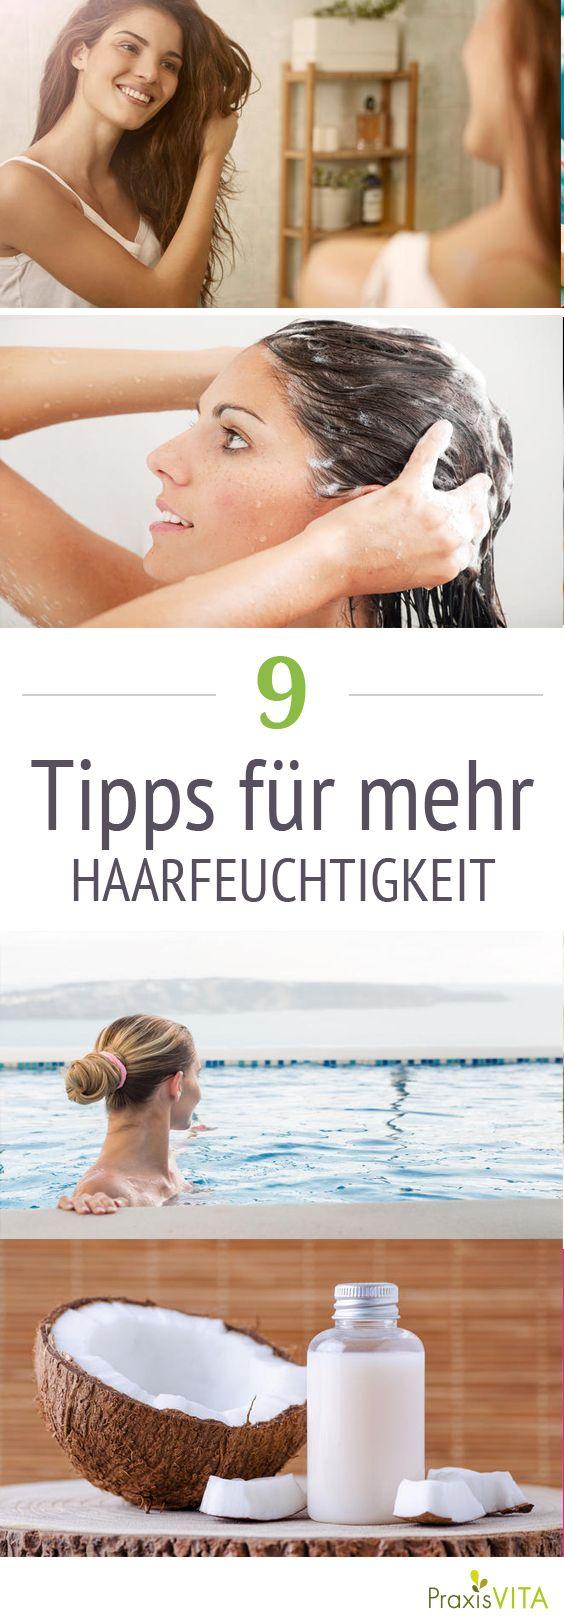 feuchtigkeit f r die haare 9 tipps vitalife pinterest haare pflegen pflege und trockene. Black Bedroom Furniture Sets. Home Design Ideas